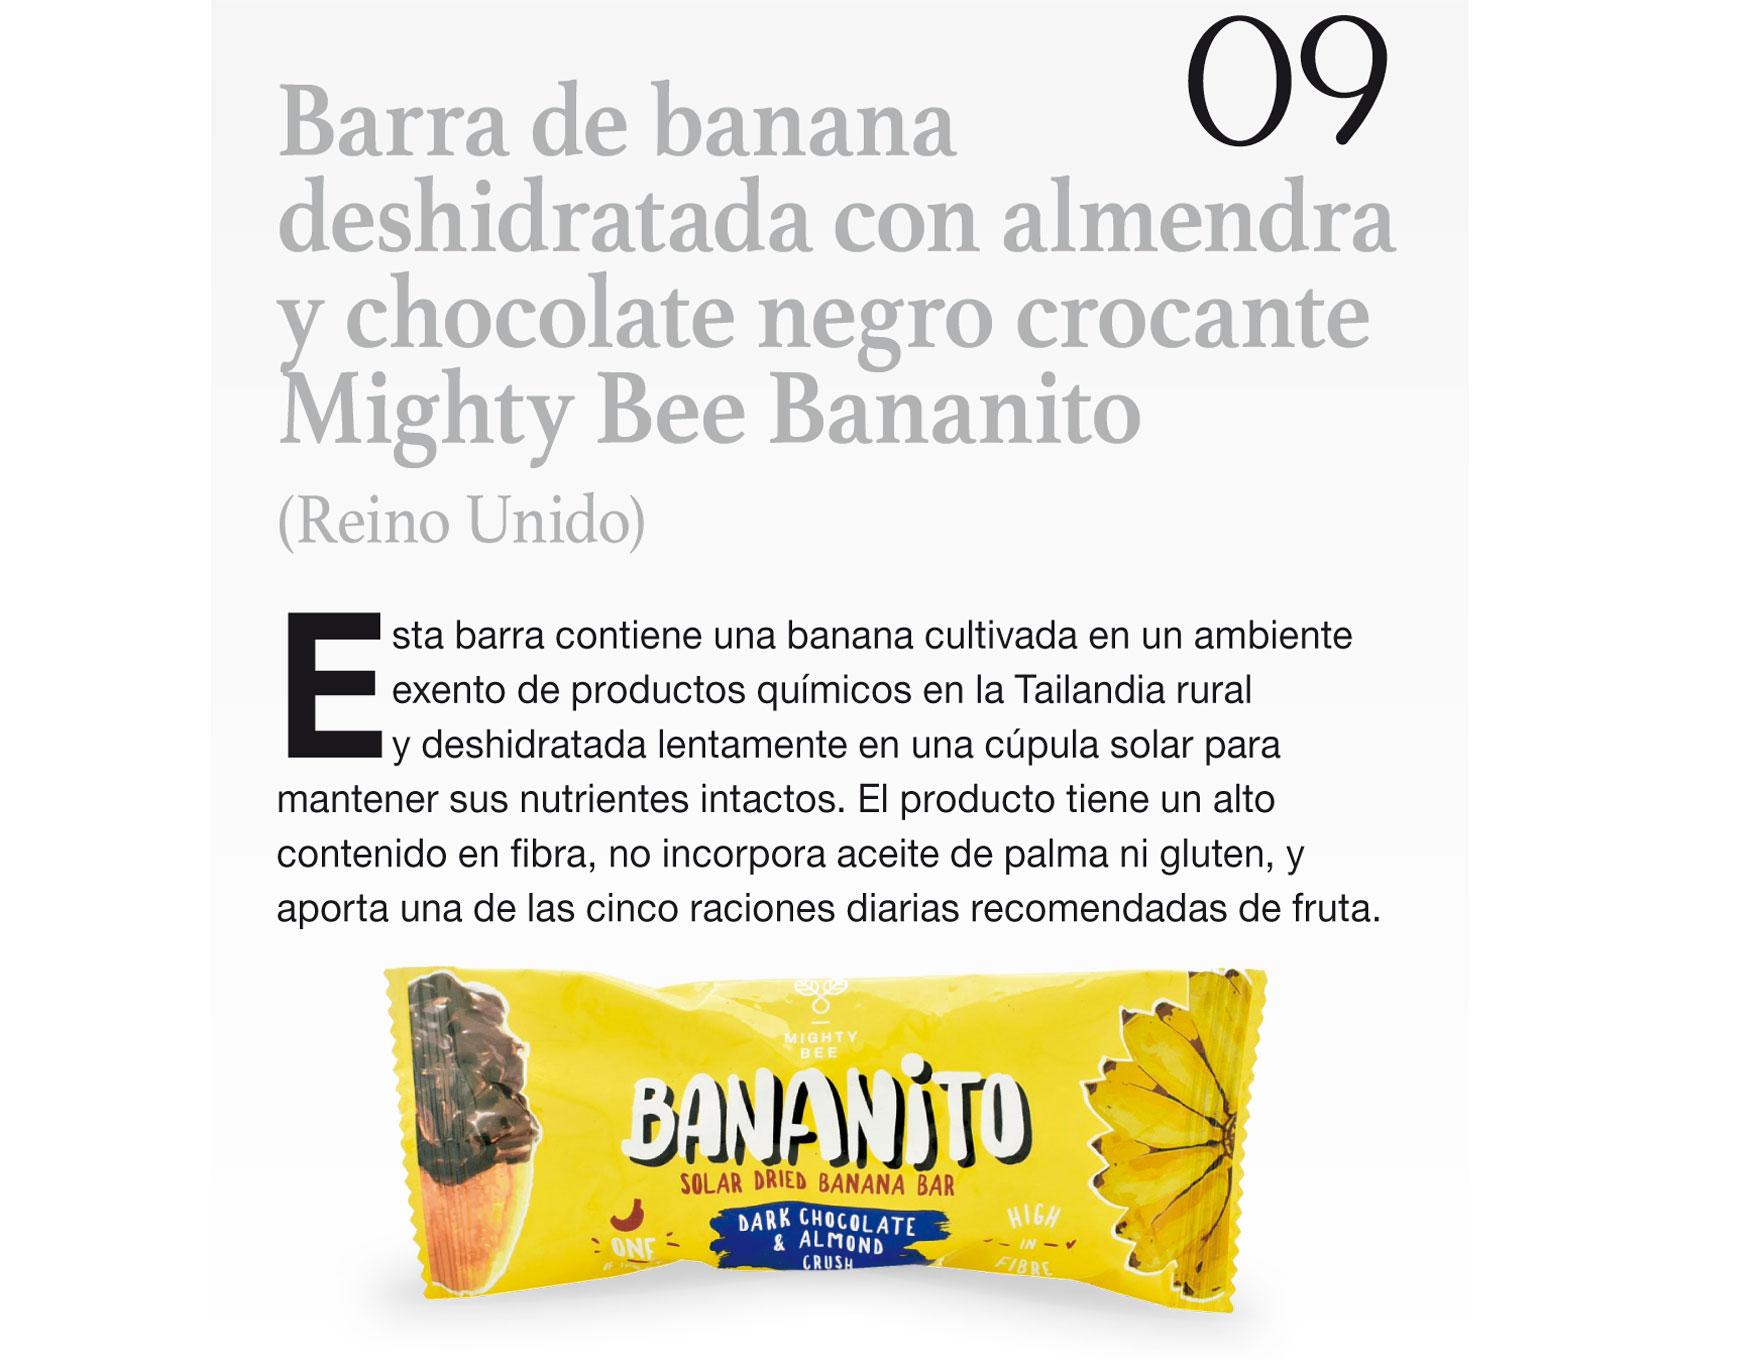 Barra de banana deshidratada con almendra y chocolate negro crocante Mighty Bee Bananito (Reino Unido)